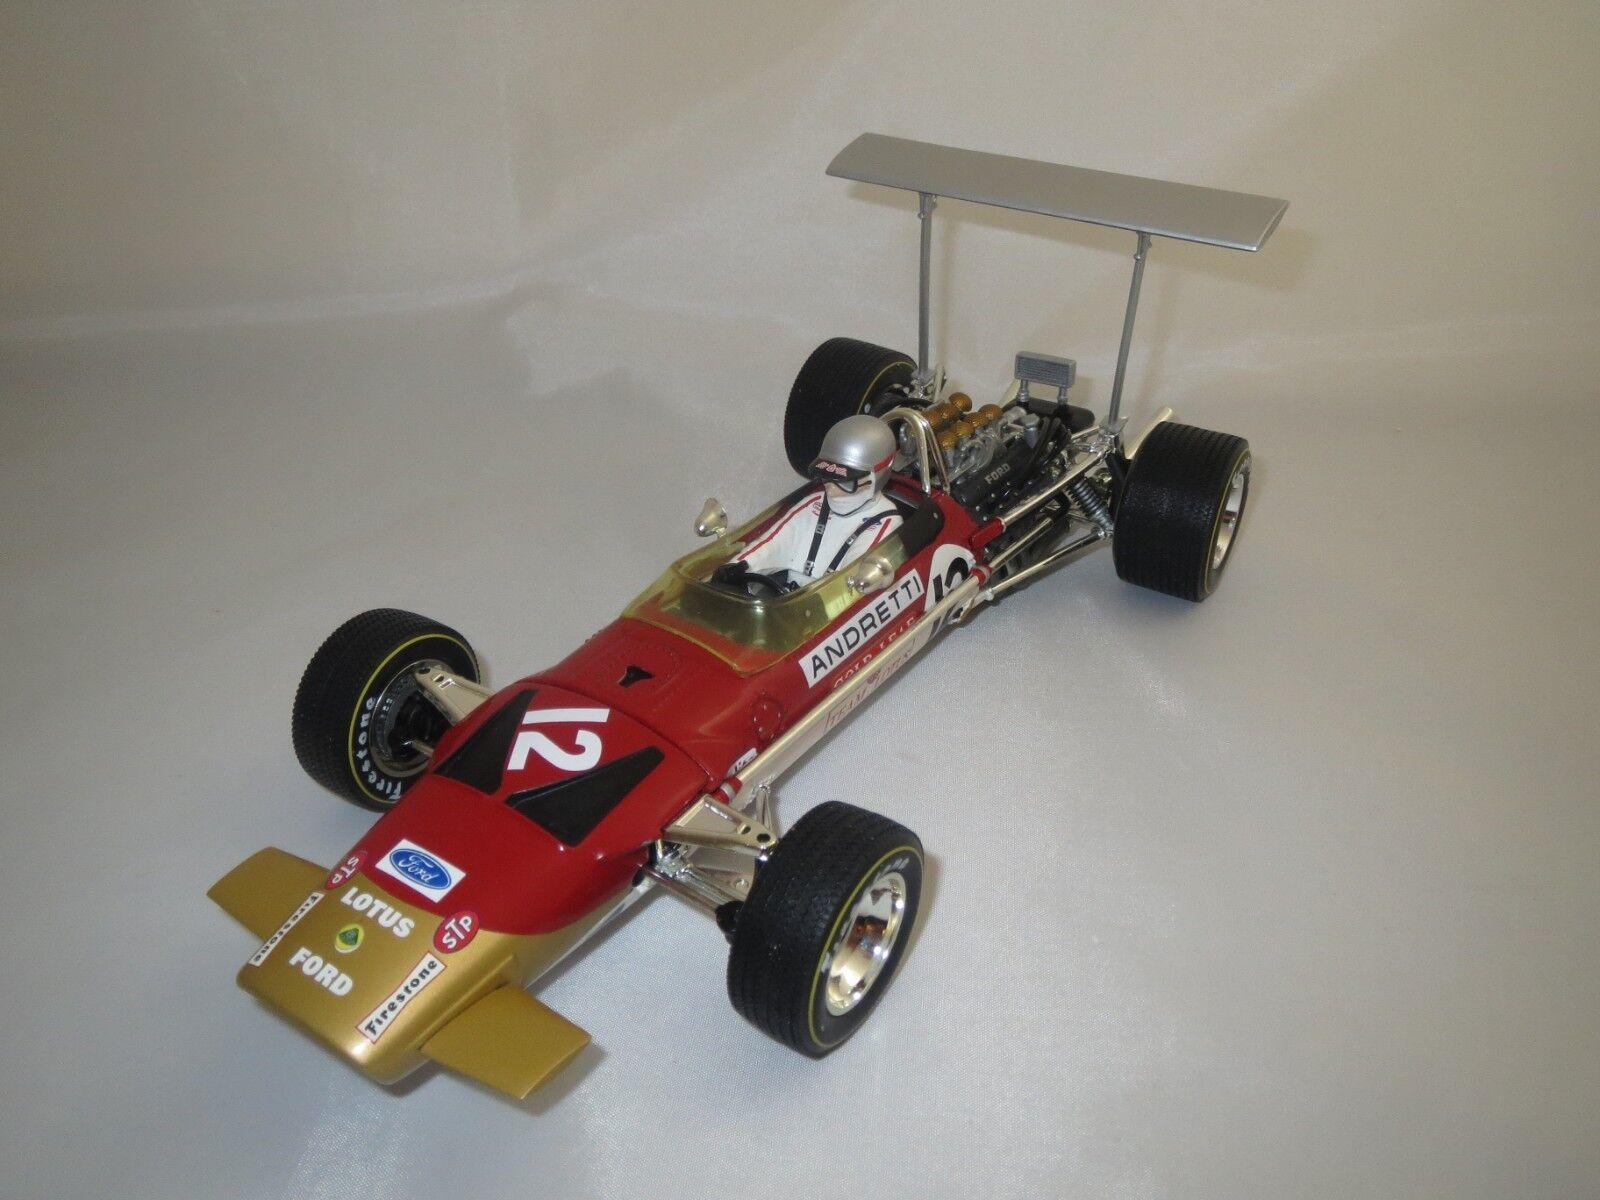 gli ultimi modelli Quartzo Quartzo Quartzo Lotus 49b U.S.A G.P.  1968  Mario eretti 1 18 senza imbtuttiaggio   fino al 42% di sconto